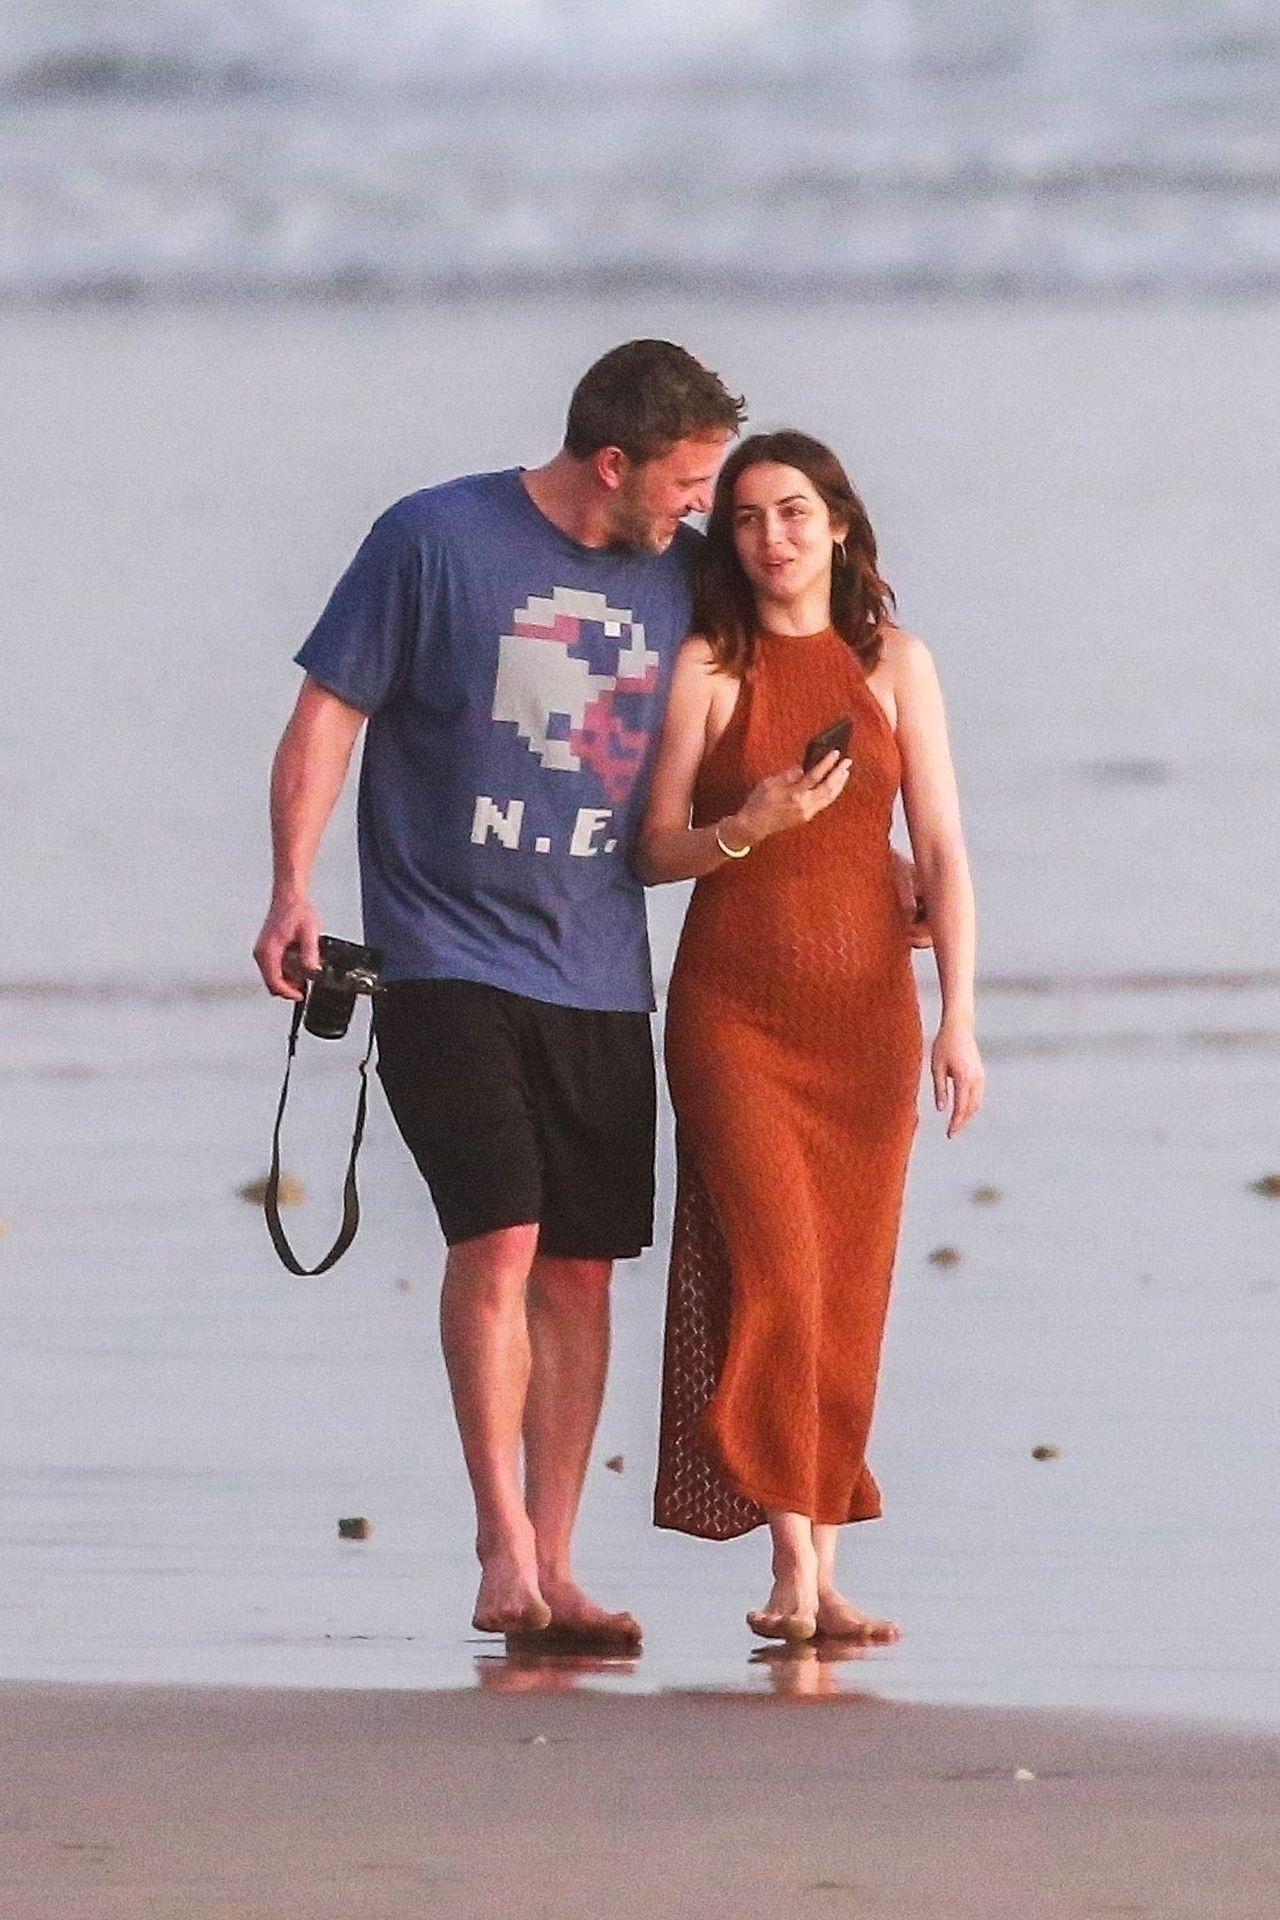 Ben Affleck & Ana De Armas Enjoy A Pda Moment During Romantic Beach Stroll In Costa Rica 0025